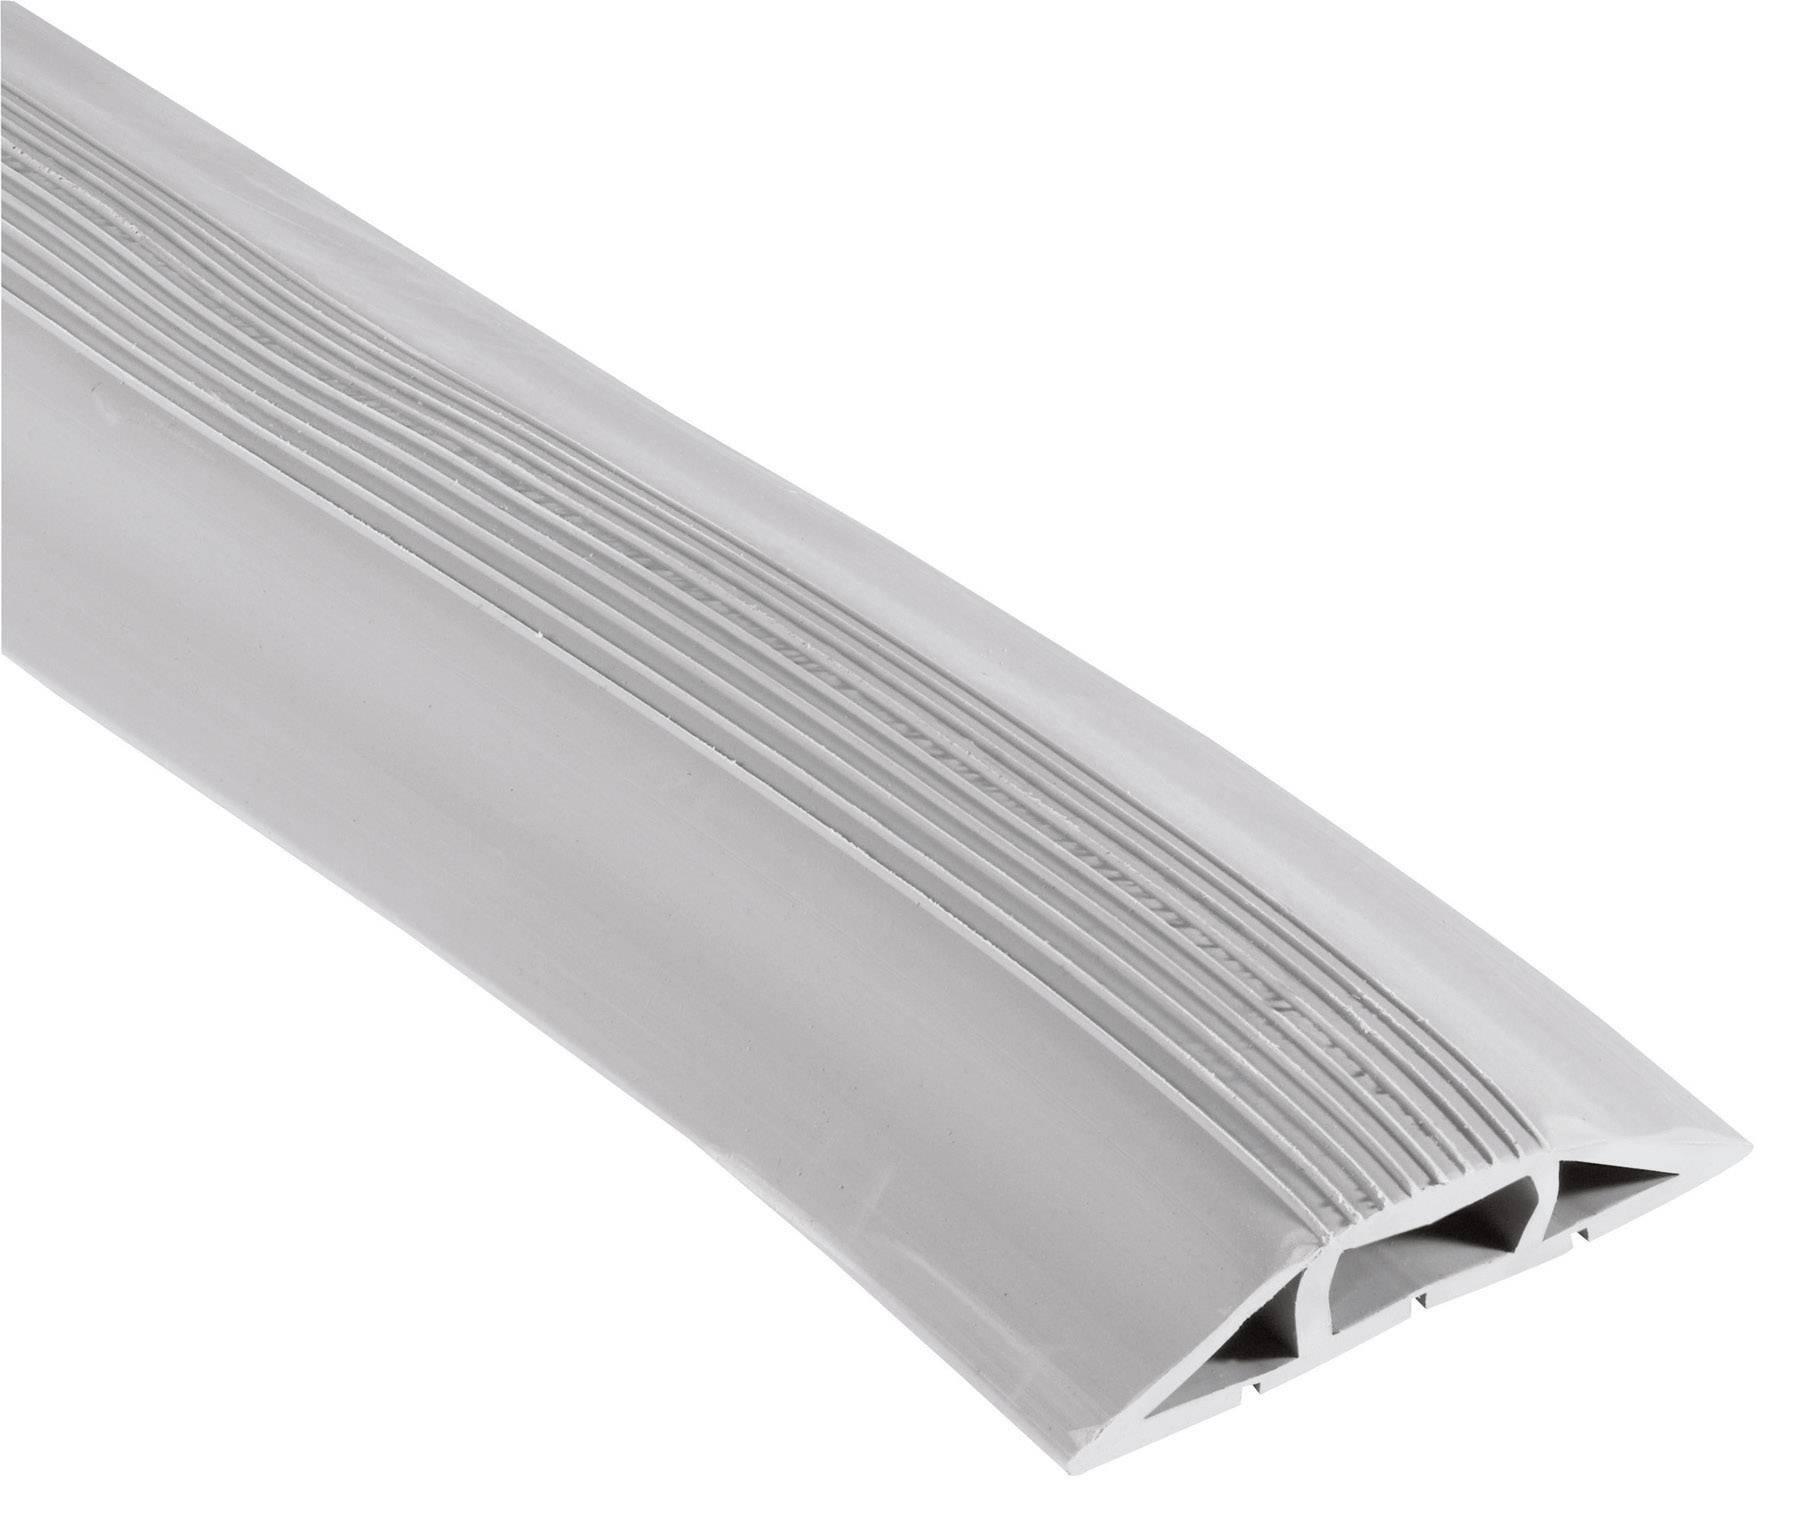 Káblový mostík Vulcascot MCP 2 MCP 2, (d x š x v) 3000 x 120 x 24 mm, sivá, 1 ks